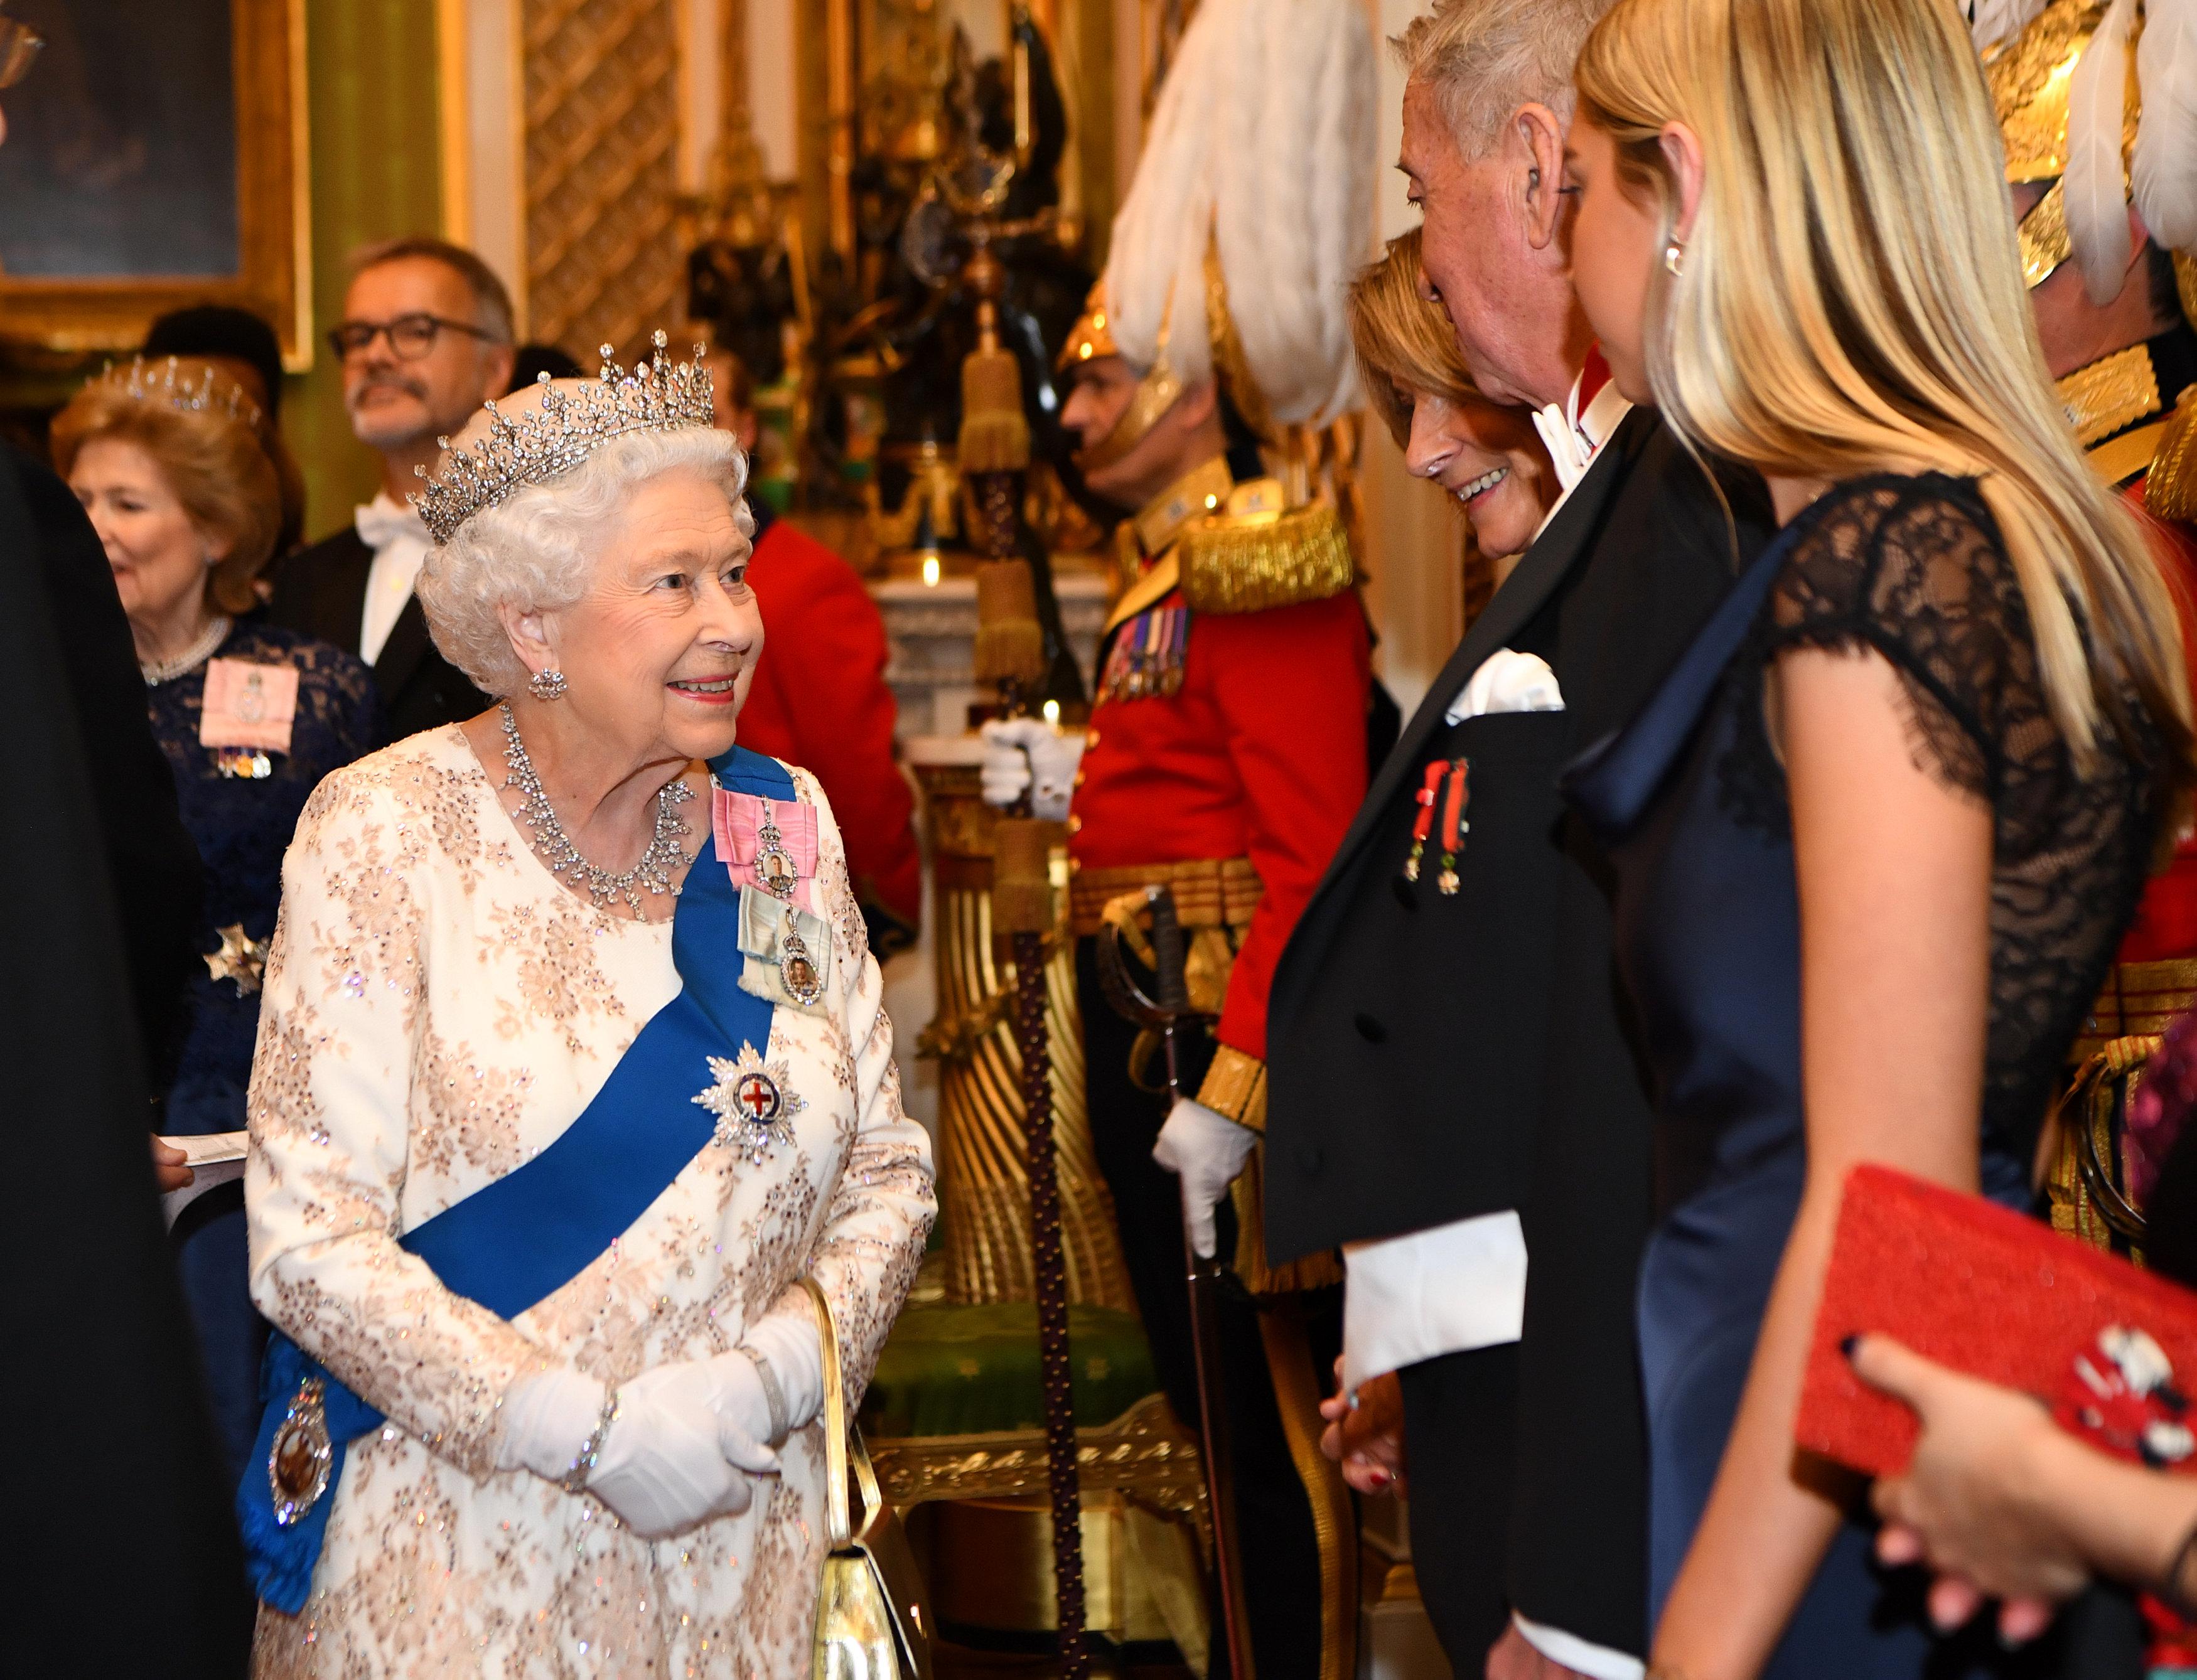 الملكة إليزابيث فى حوار مع أحد الدبلوماسيين